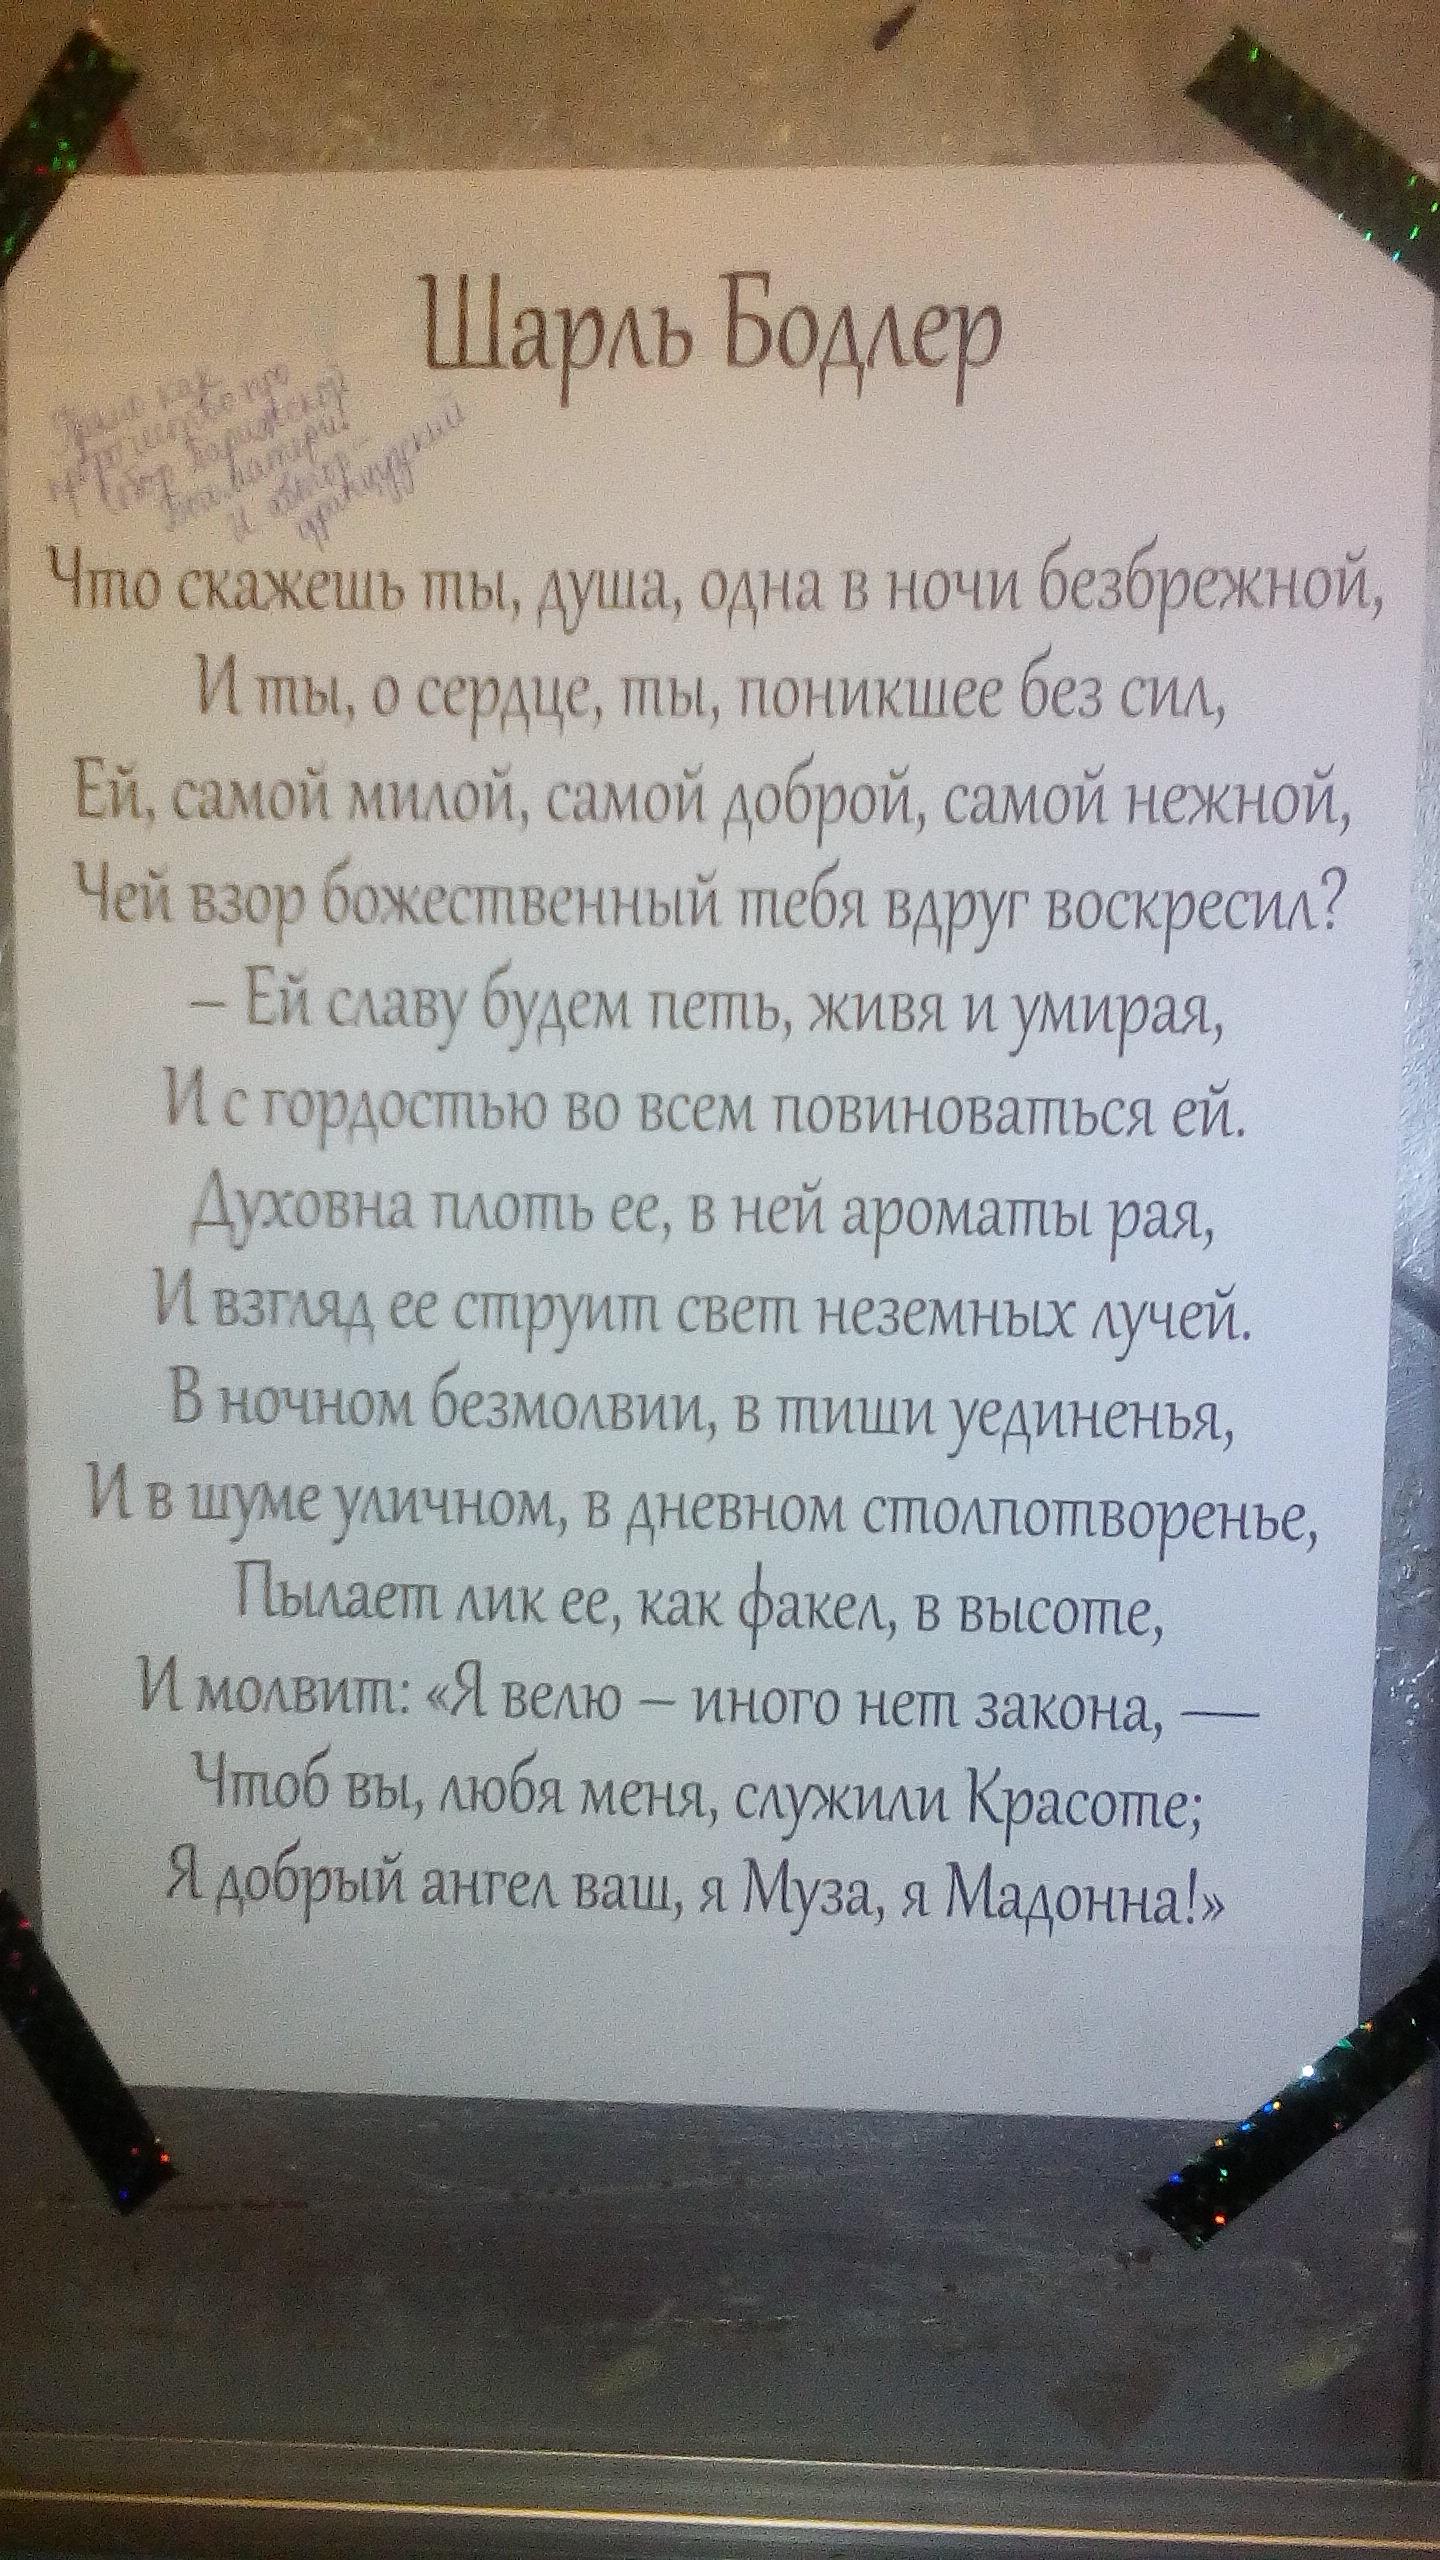 Стихотворение-пророчество